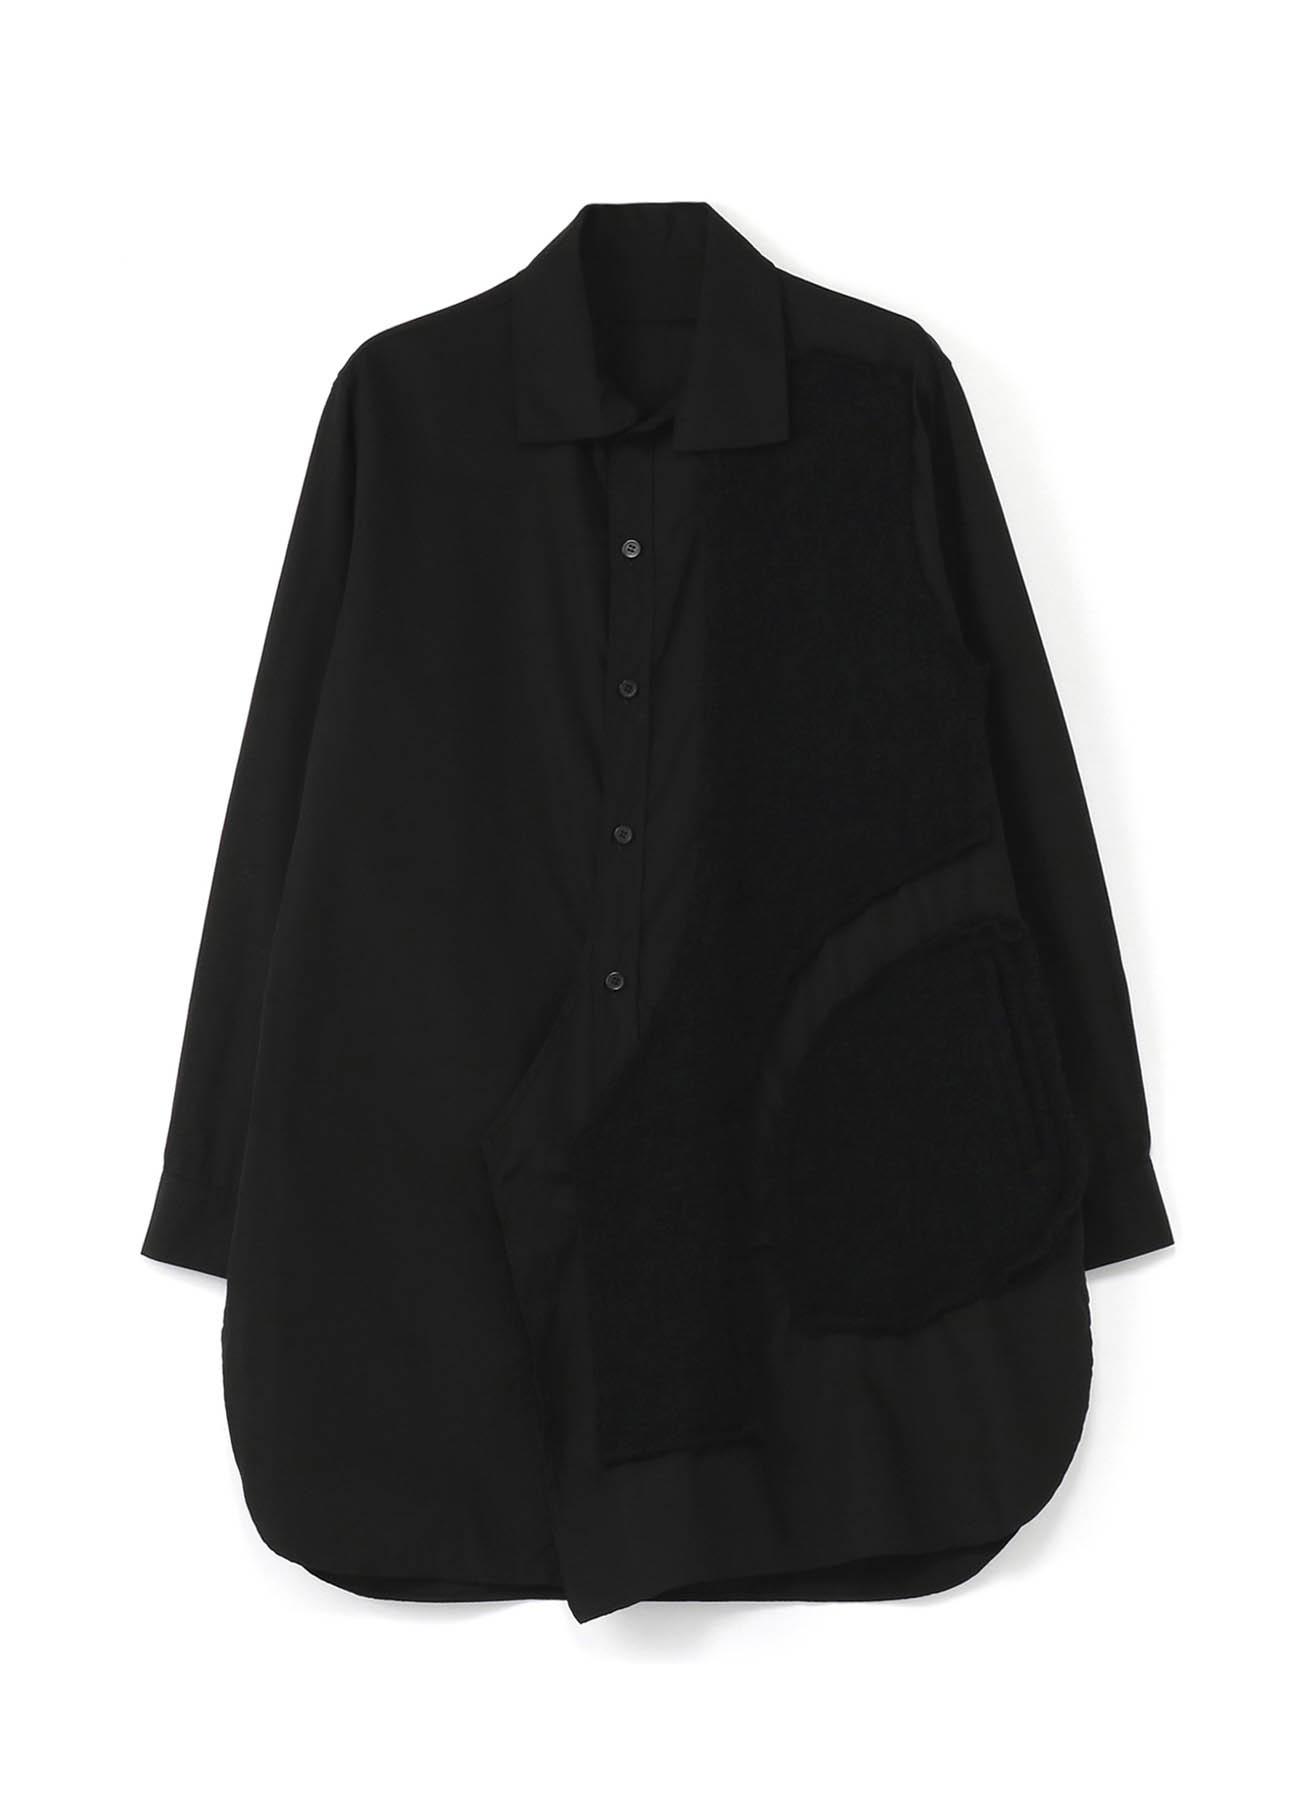 棉 × 羊毛 补丁风格衬衫2